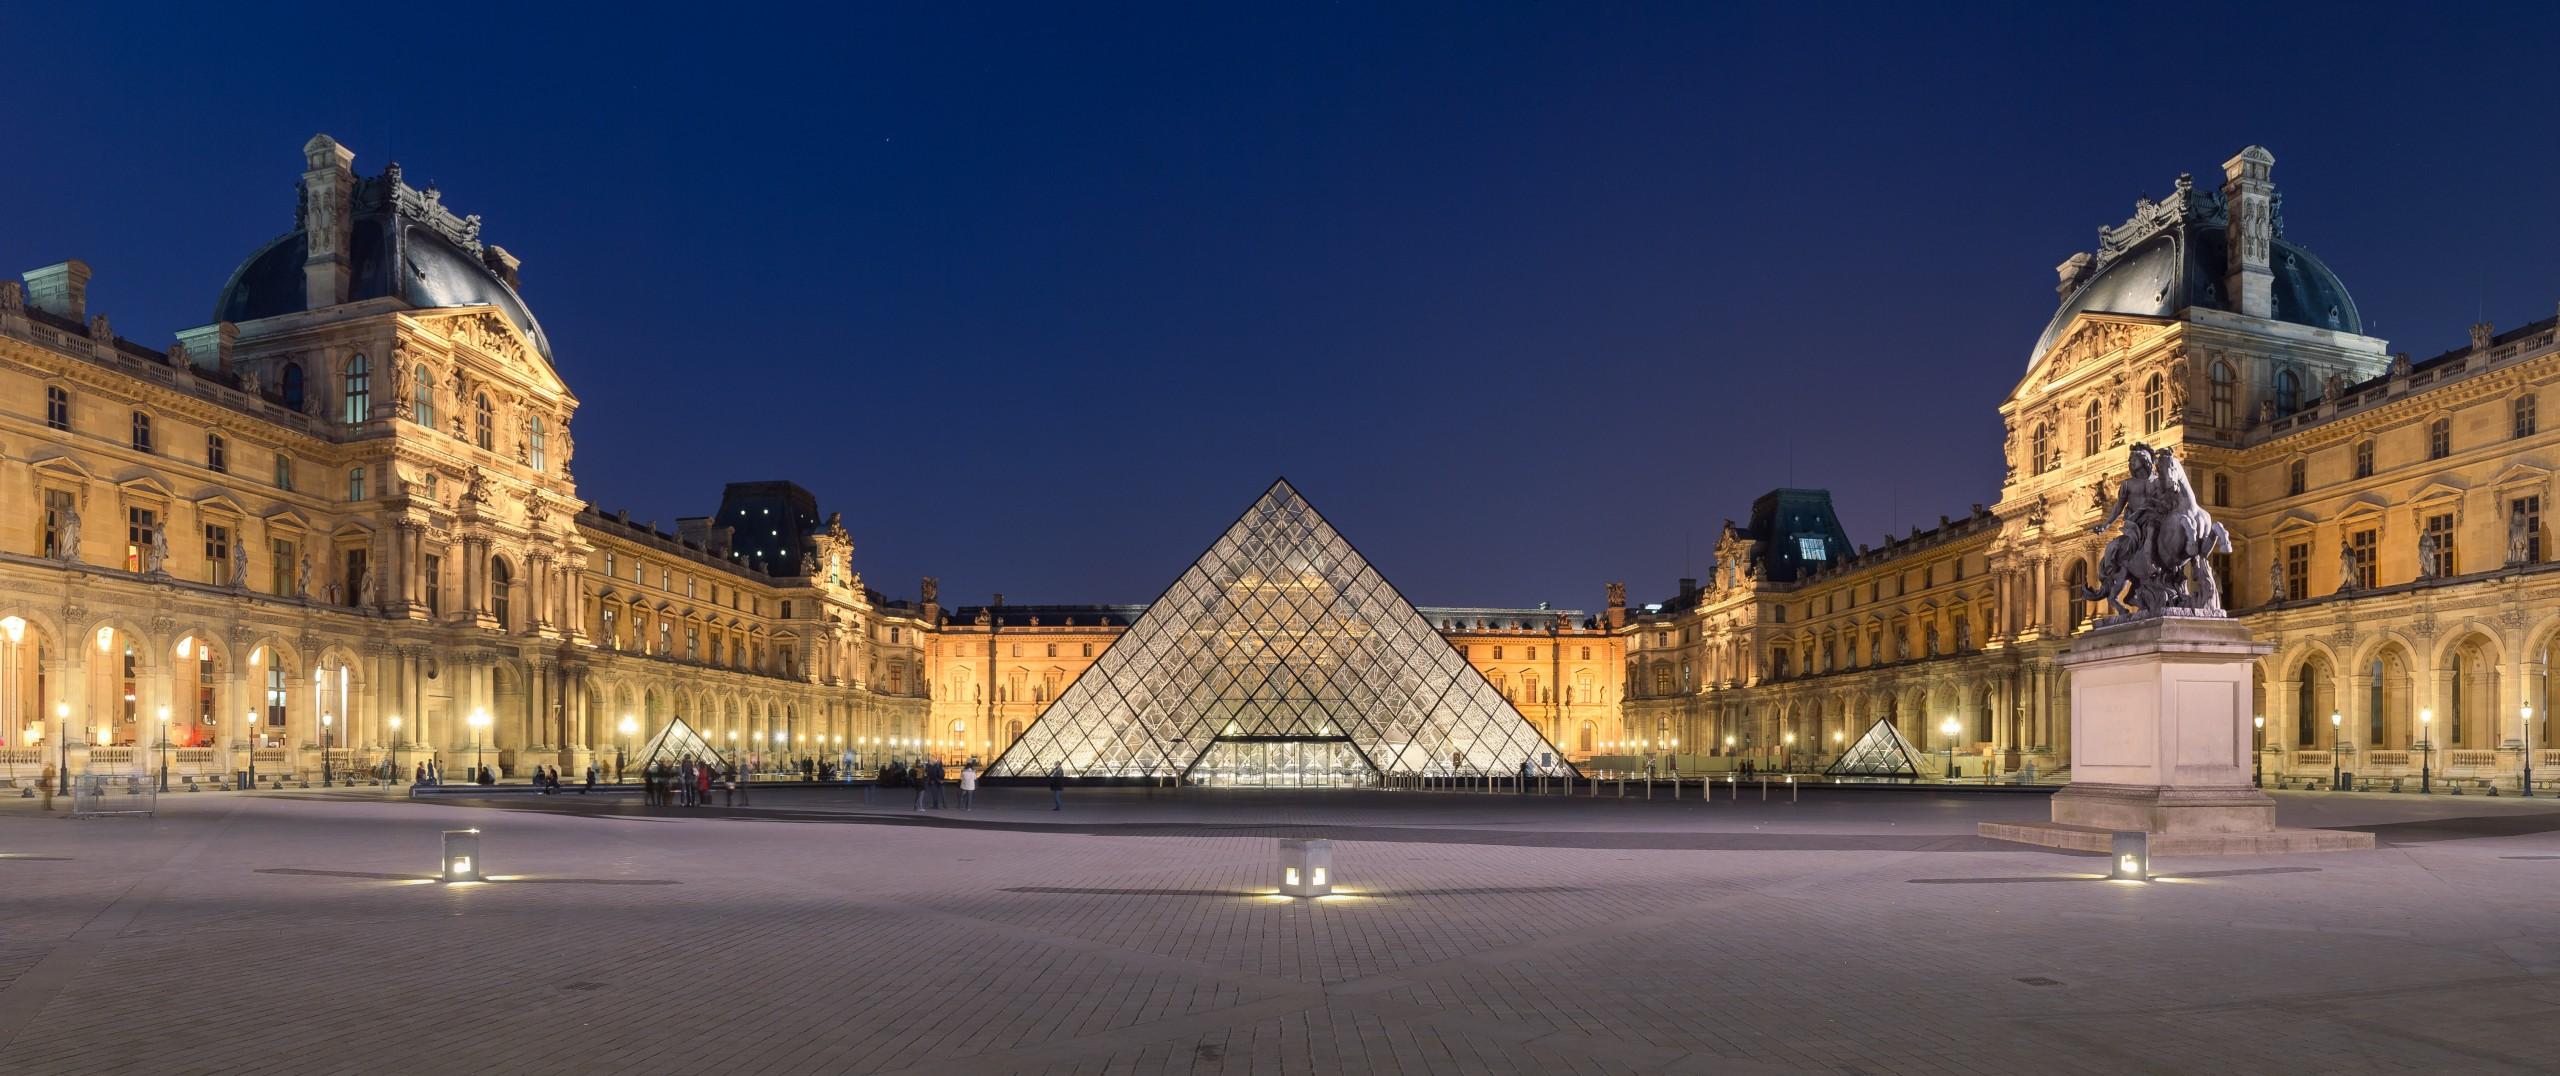 La cour Napoléon du Musée du Louvre, et sa pyramide, à la tombée de la nuit.